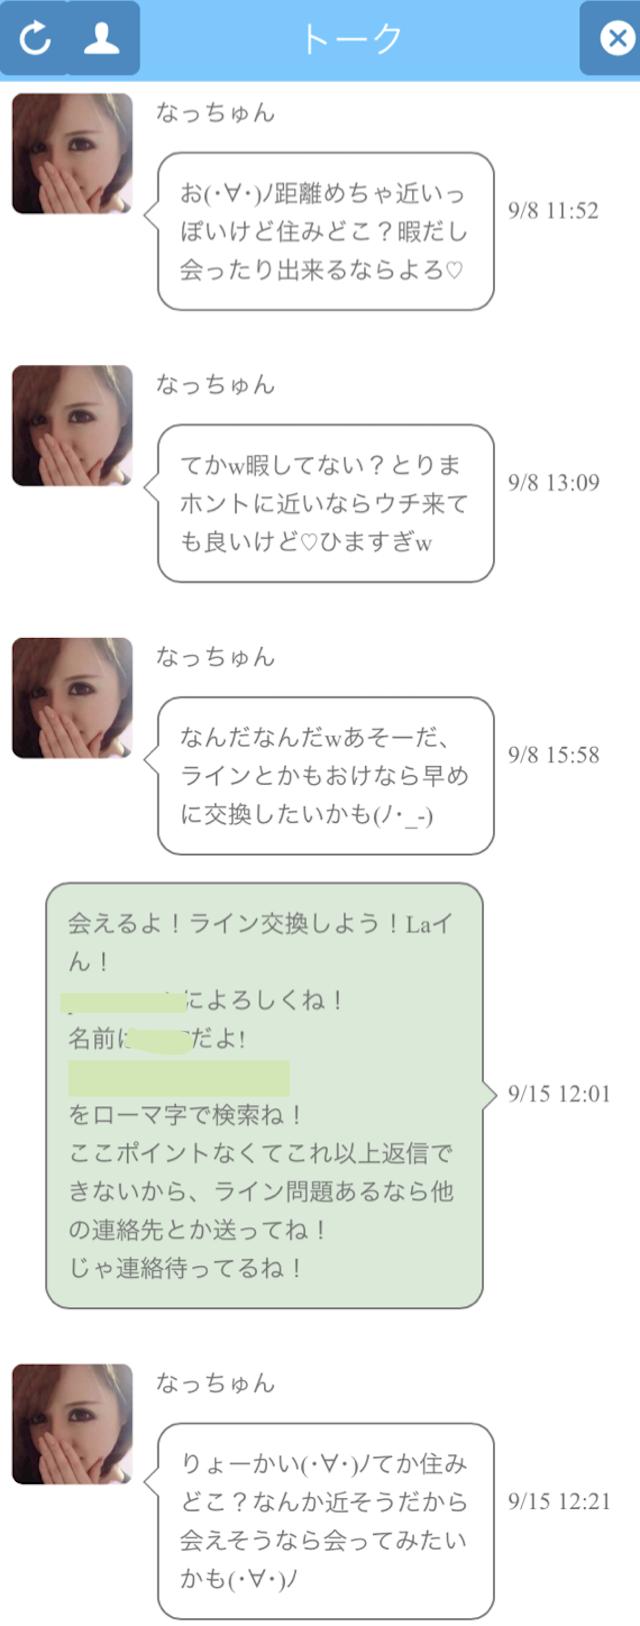 遊トーーク_アプリ6